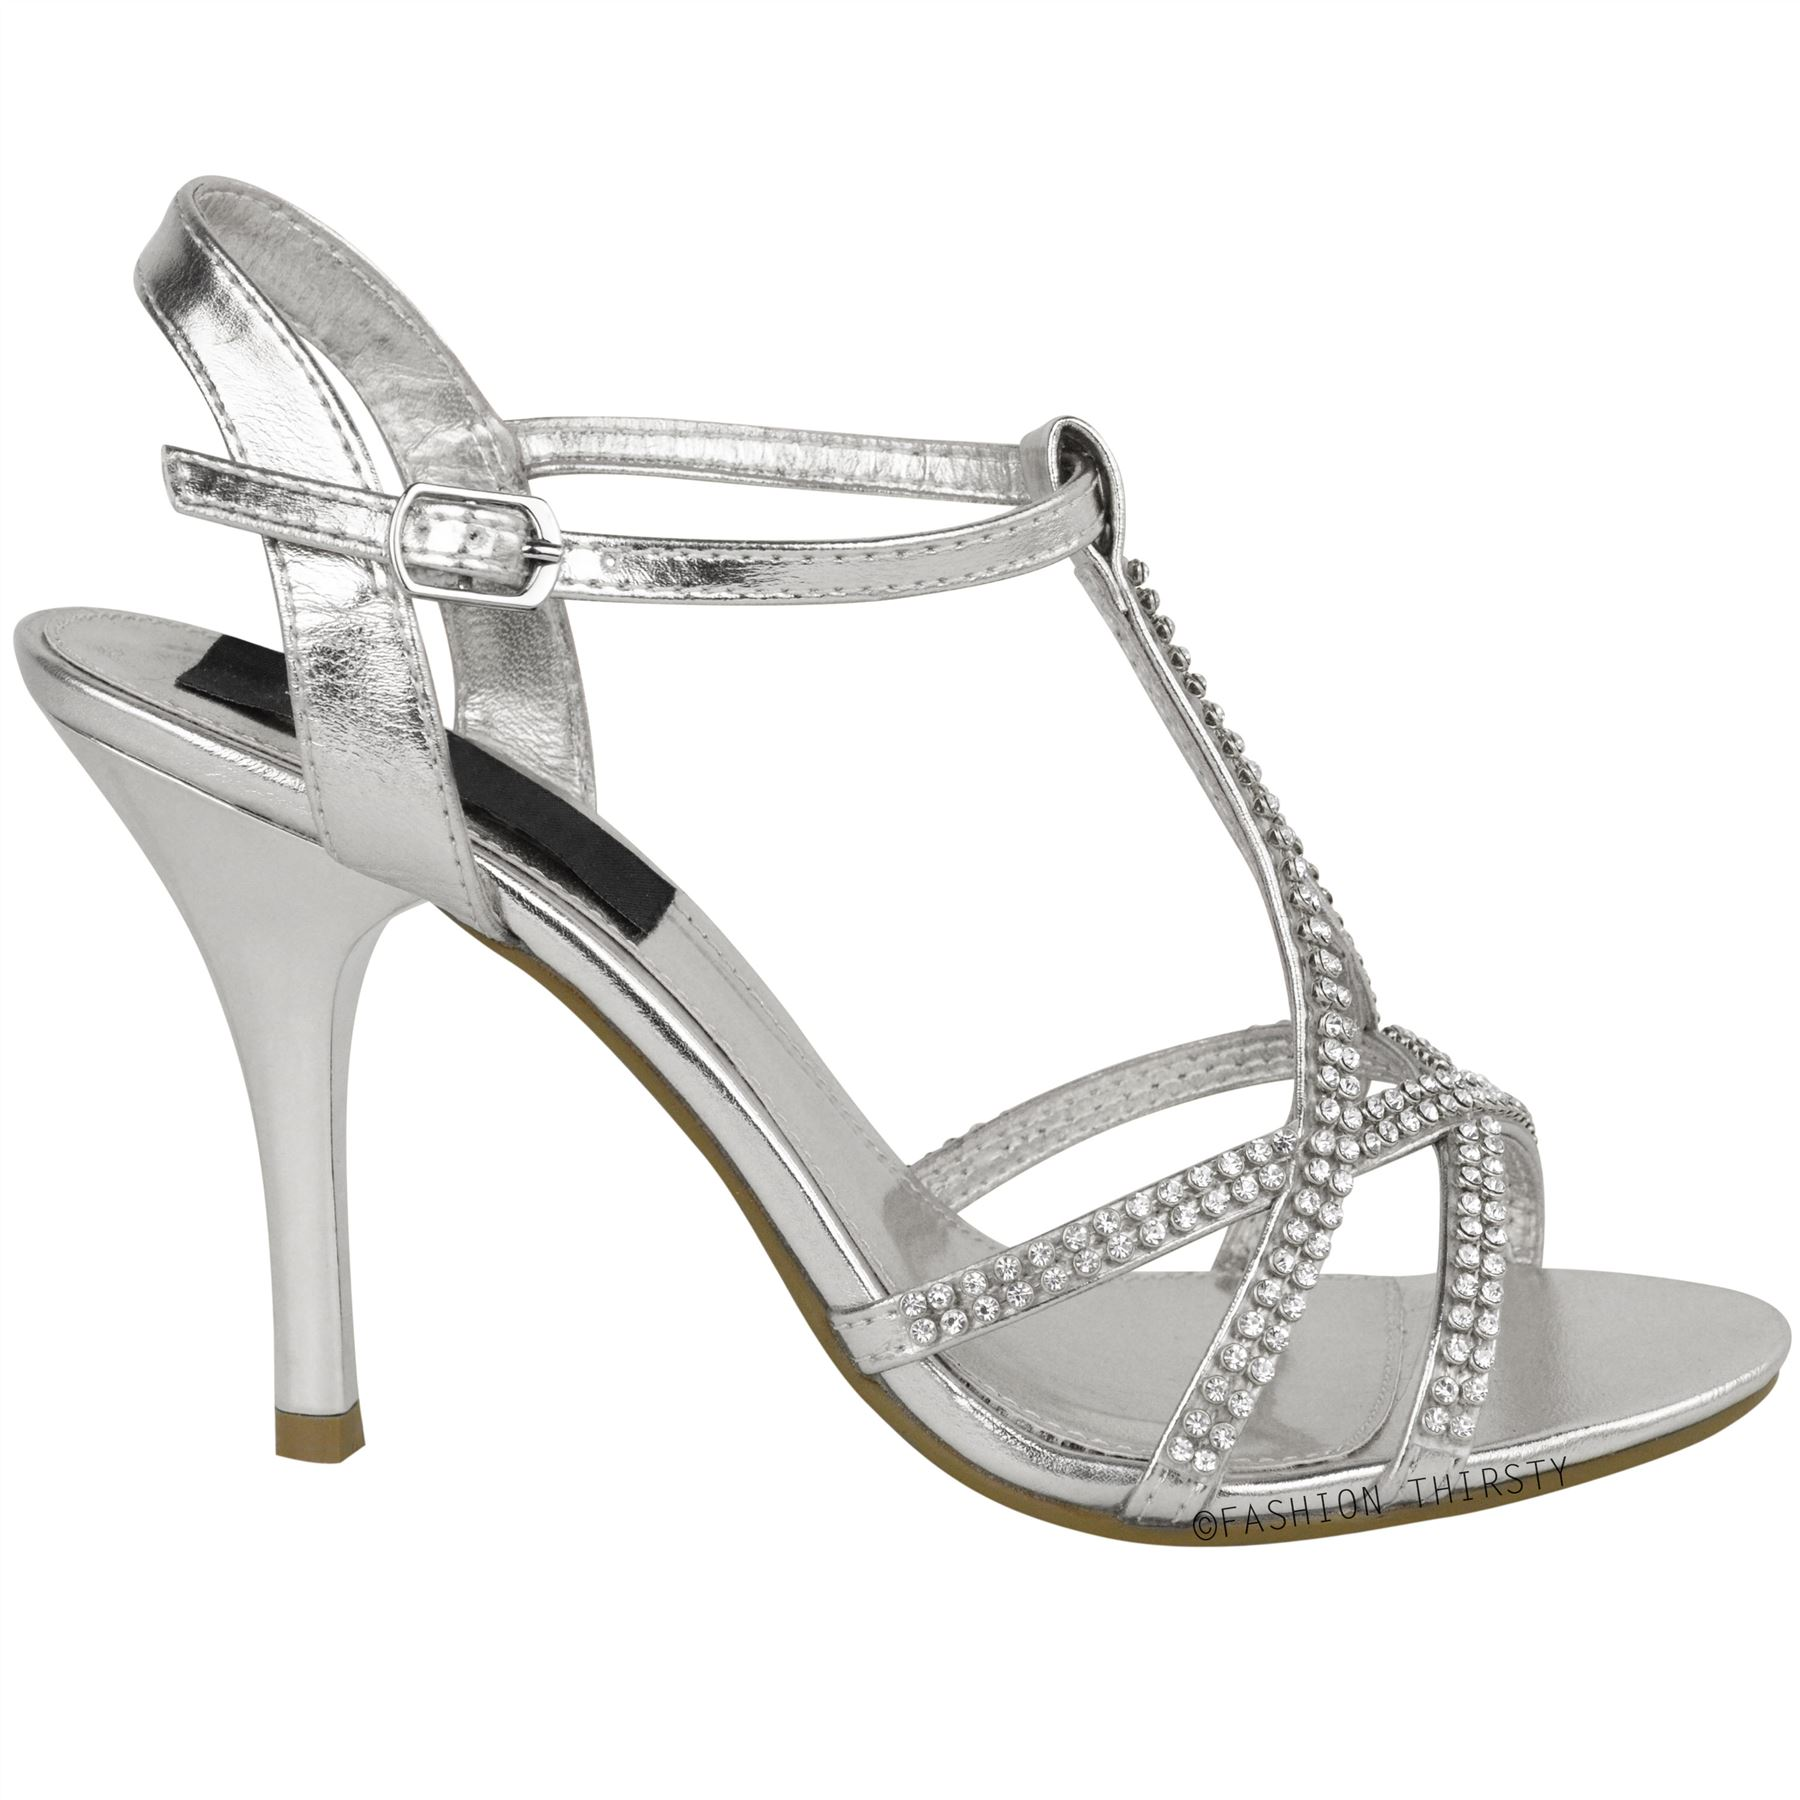 damen sandaletten mit high heels riemchen festlich elegant ebay. Black Bedroom Furniture Sets. Home Design Ideas